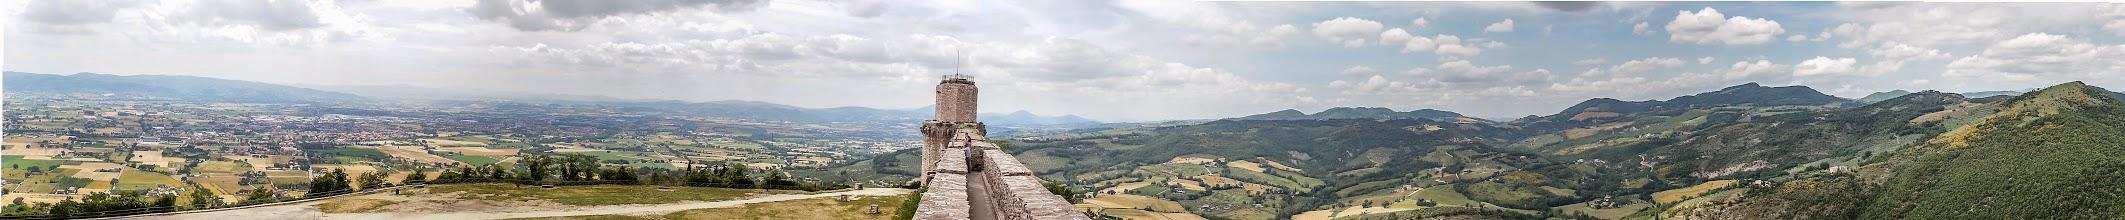 Photo: View from Rocca Maggiore